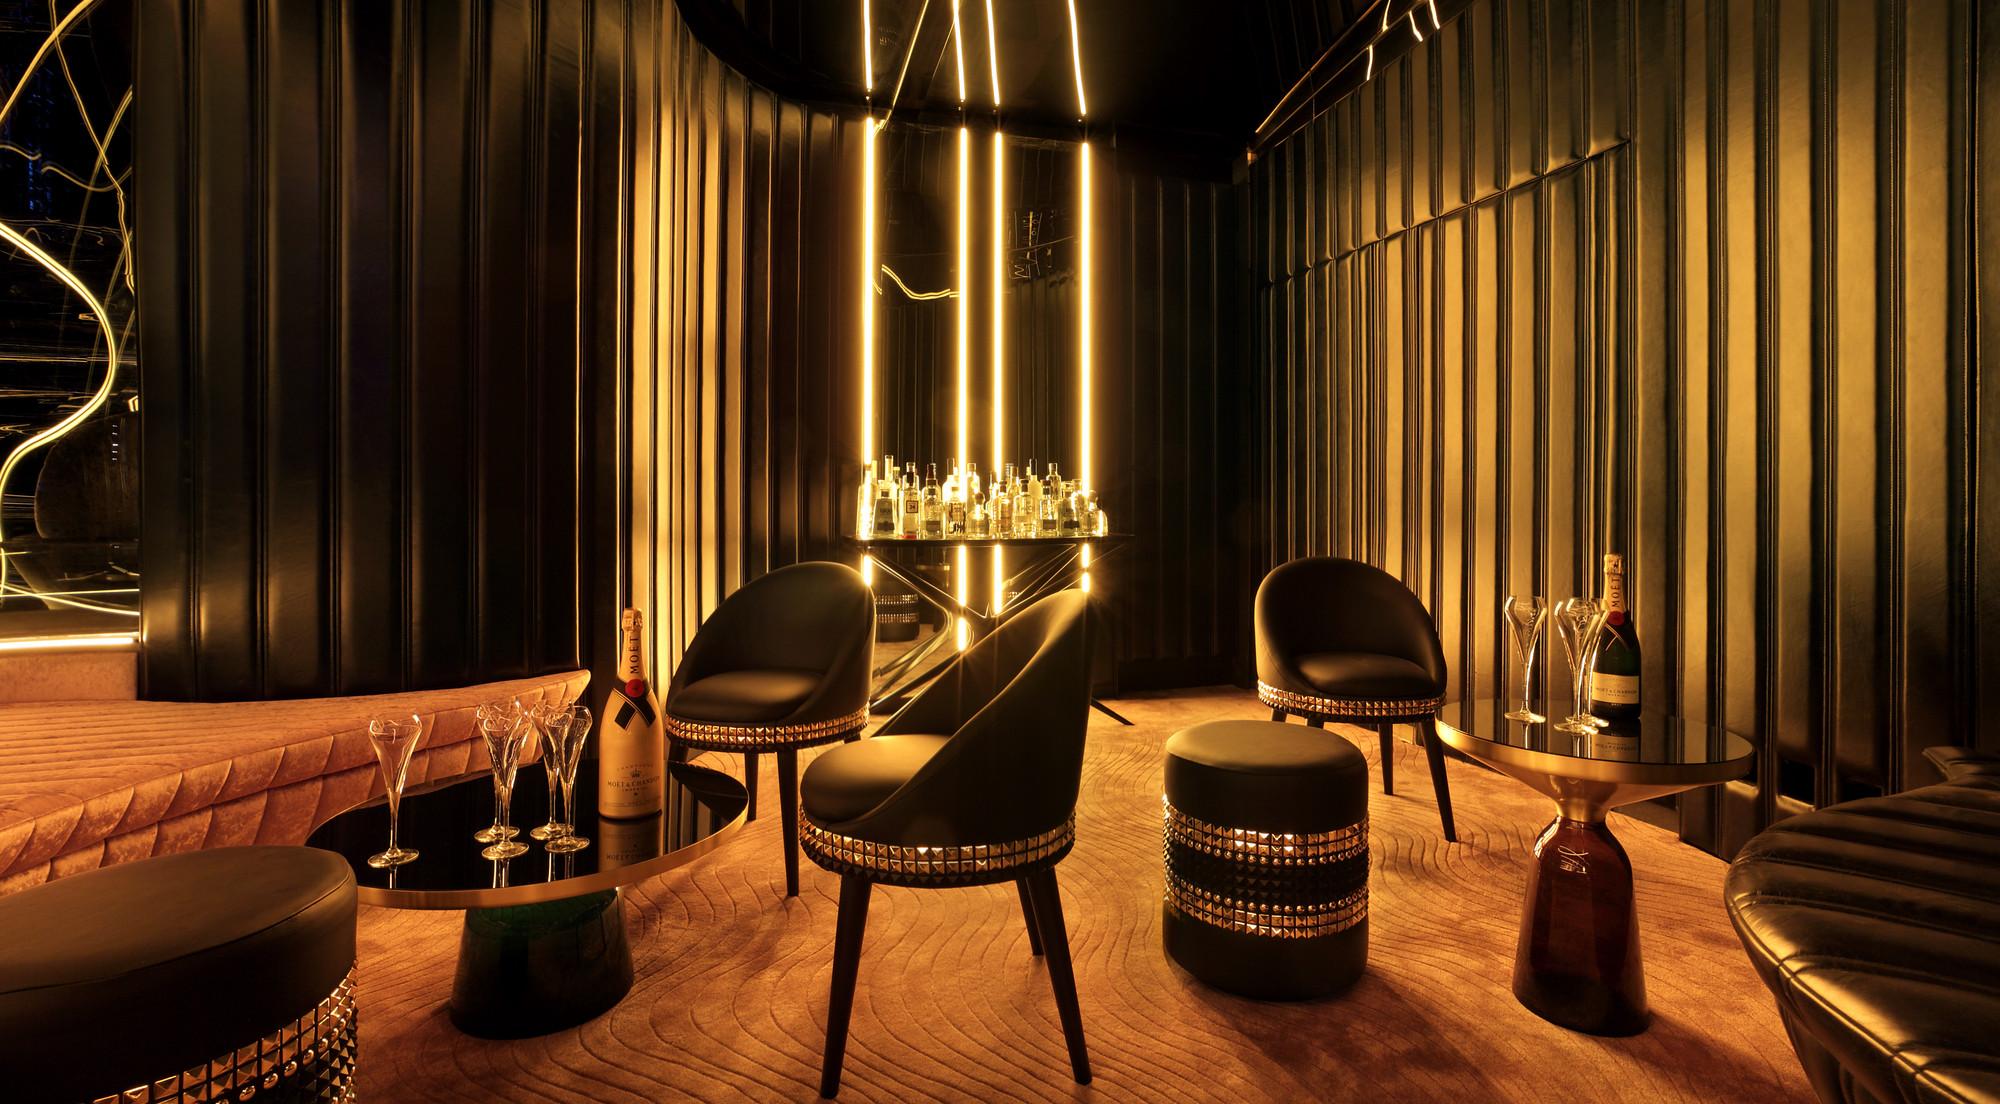 Bond Bar Lounge Melbourne